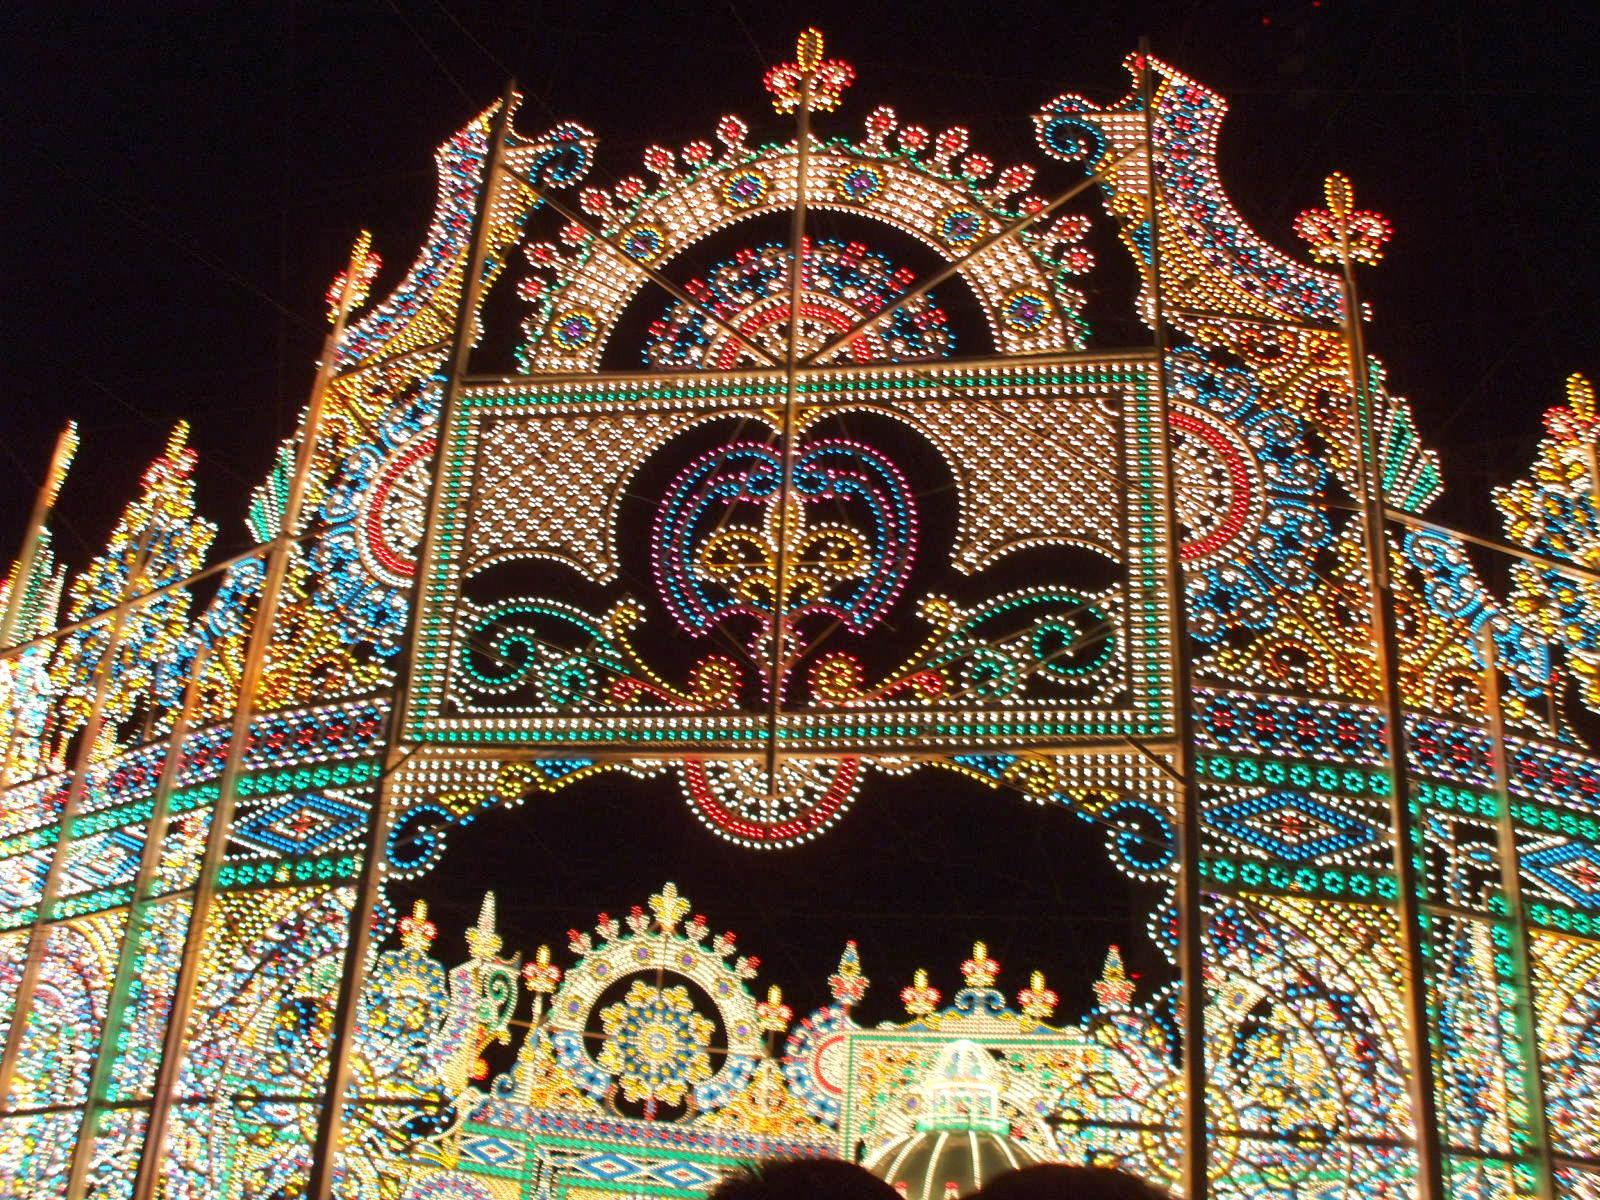 【神戸ルミナリエ】 阪神淡路大震災の鎮魂と復興を祈る、光の芸術